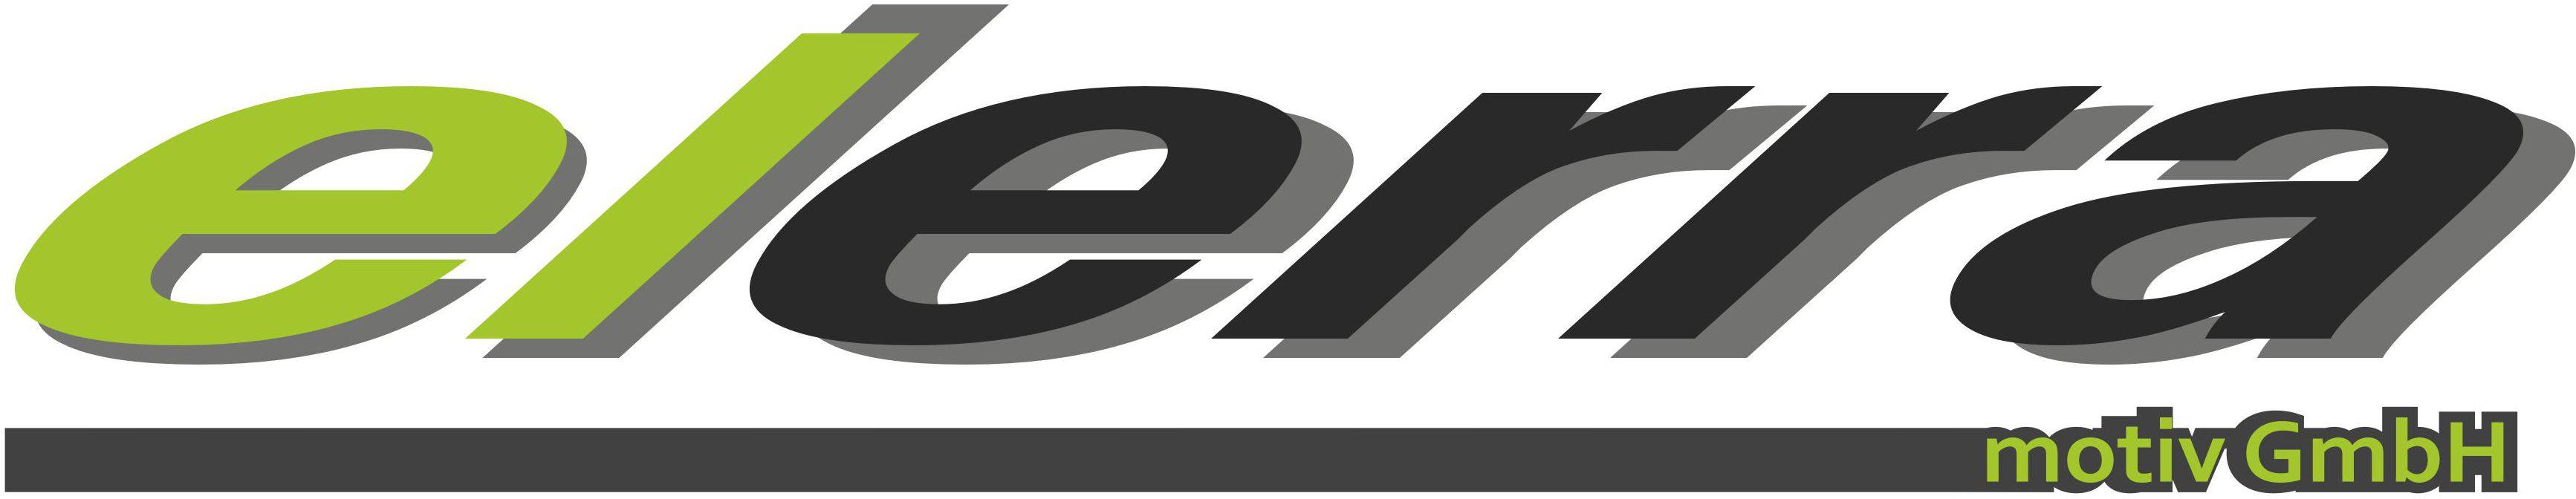 elerra motiv GmbH